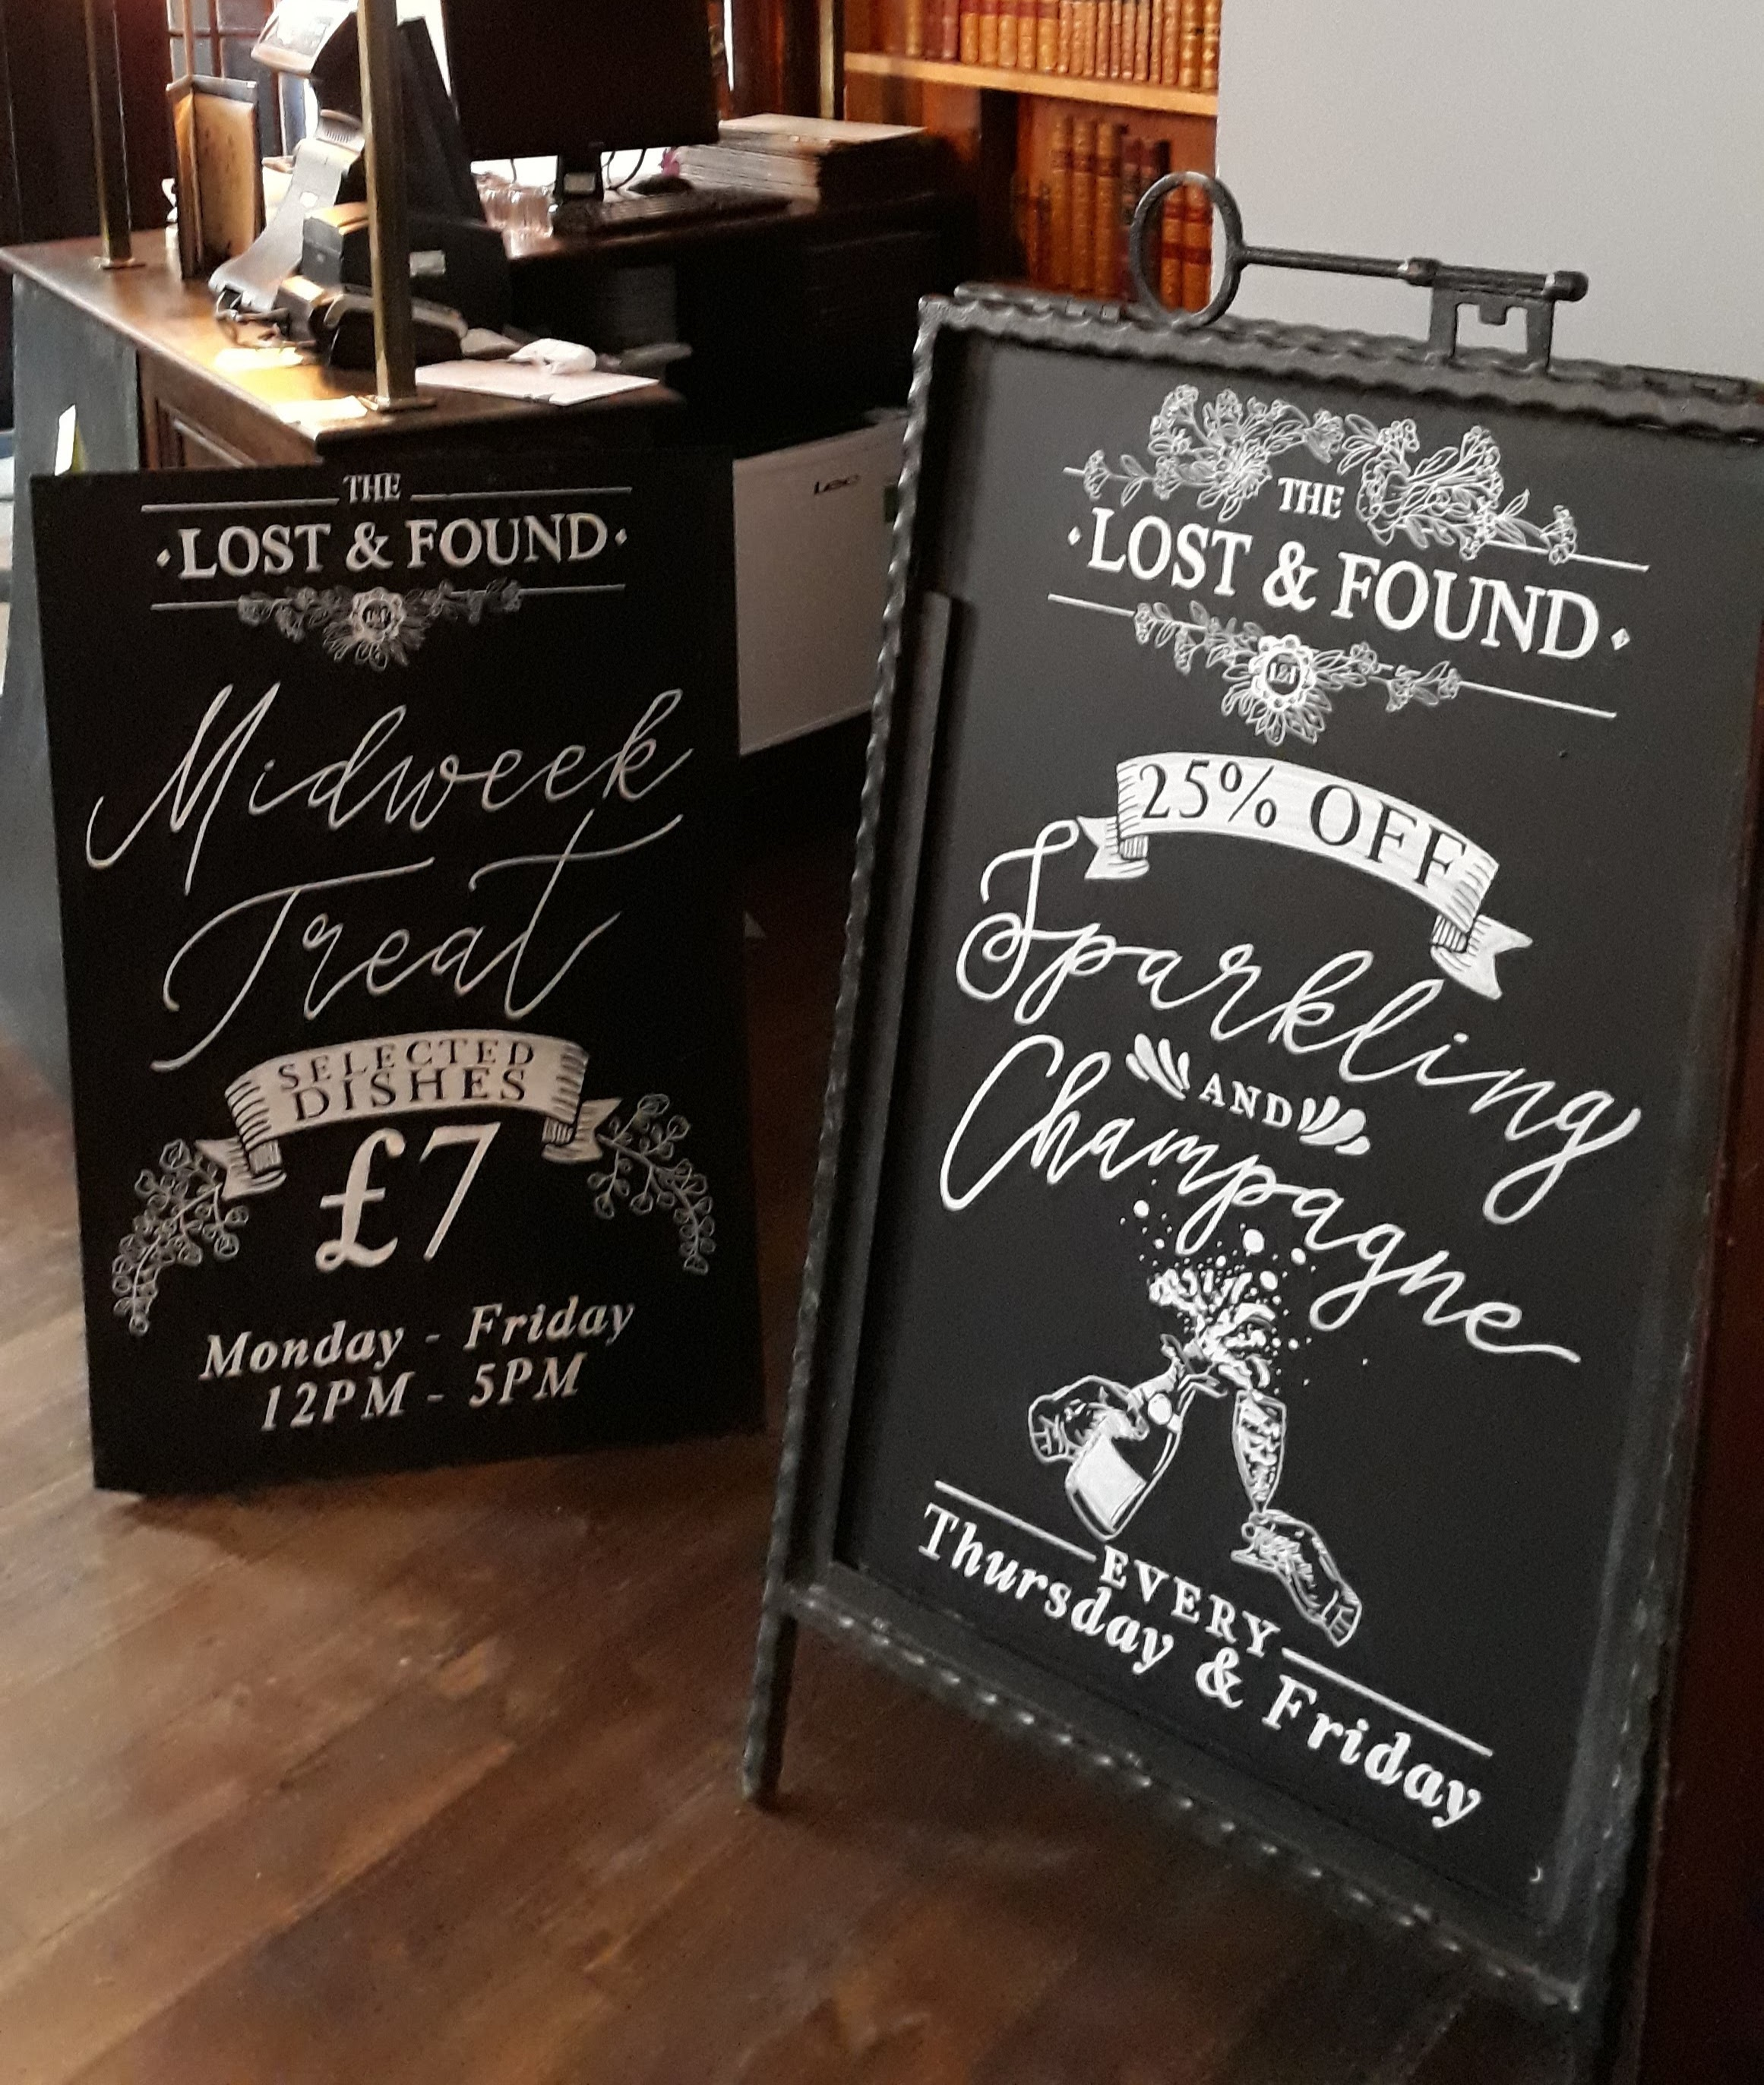 The Lost & Found, Birmingham